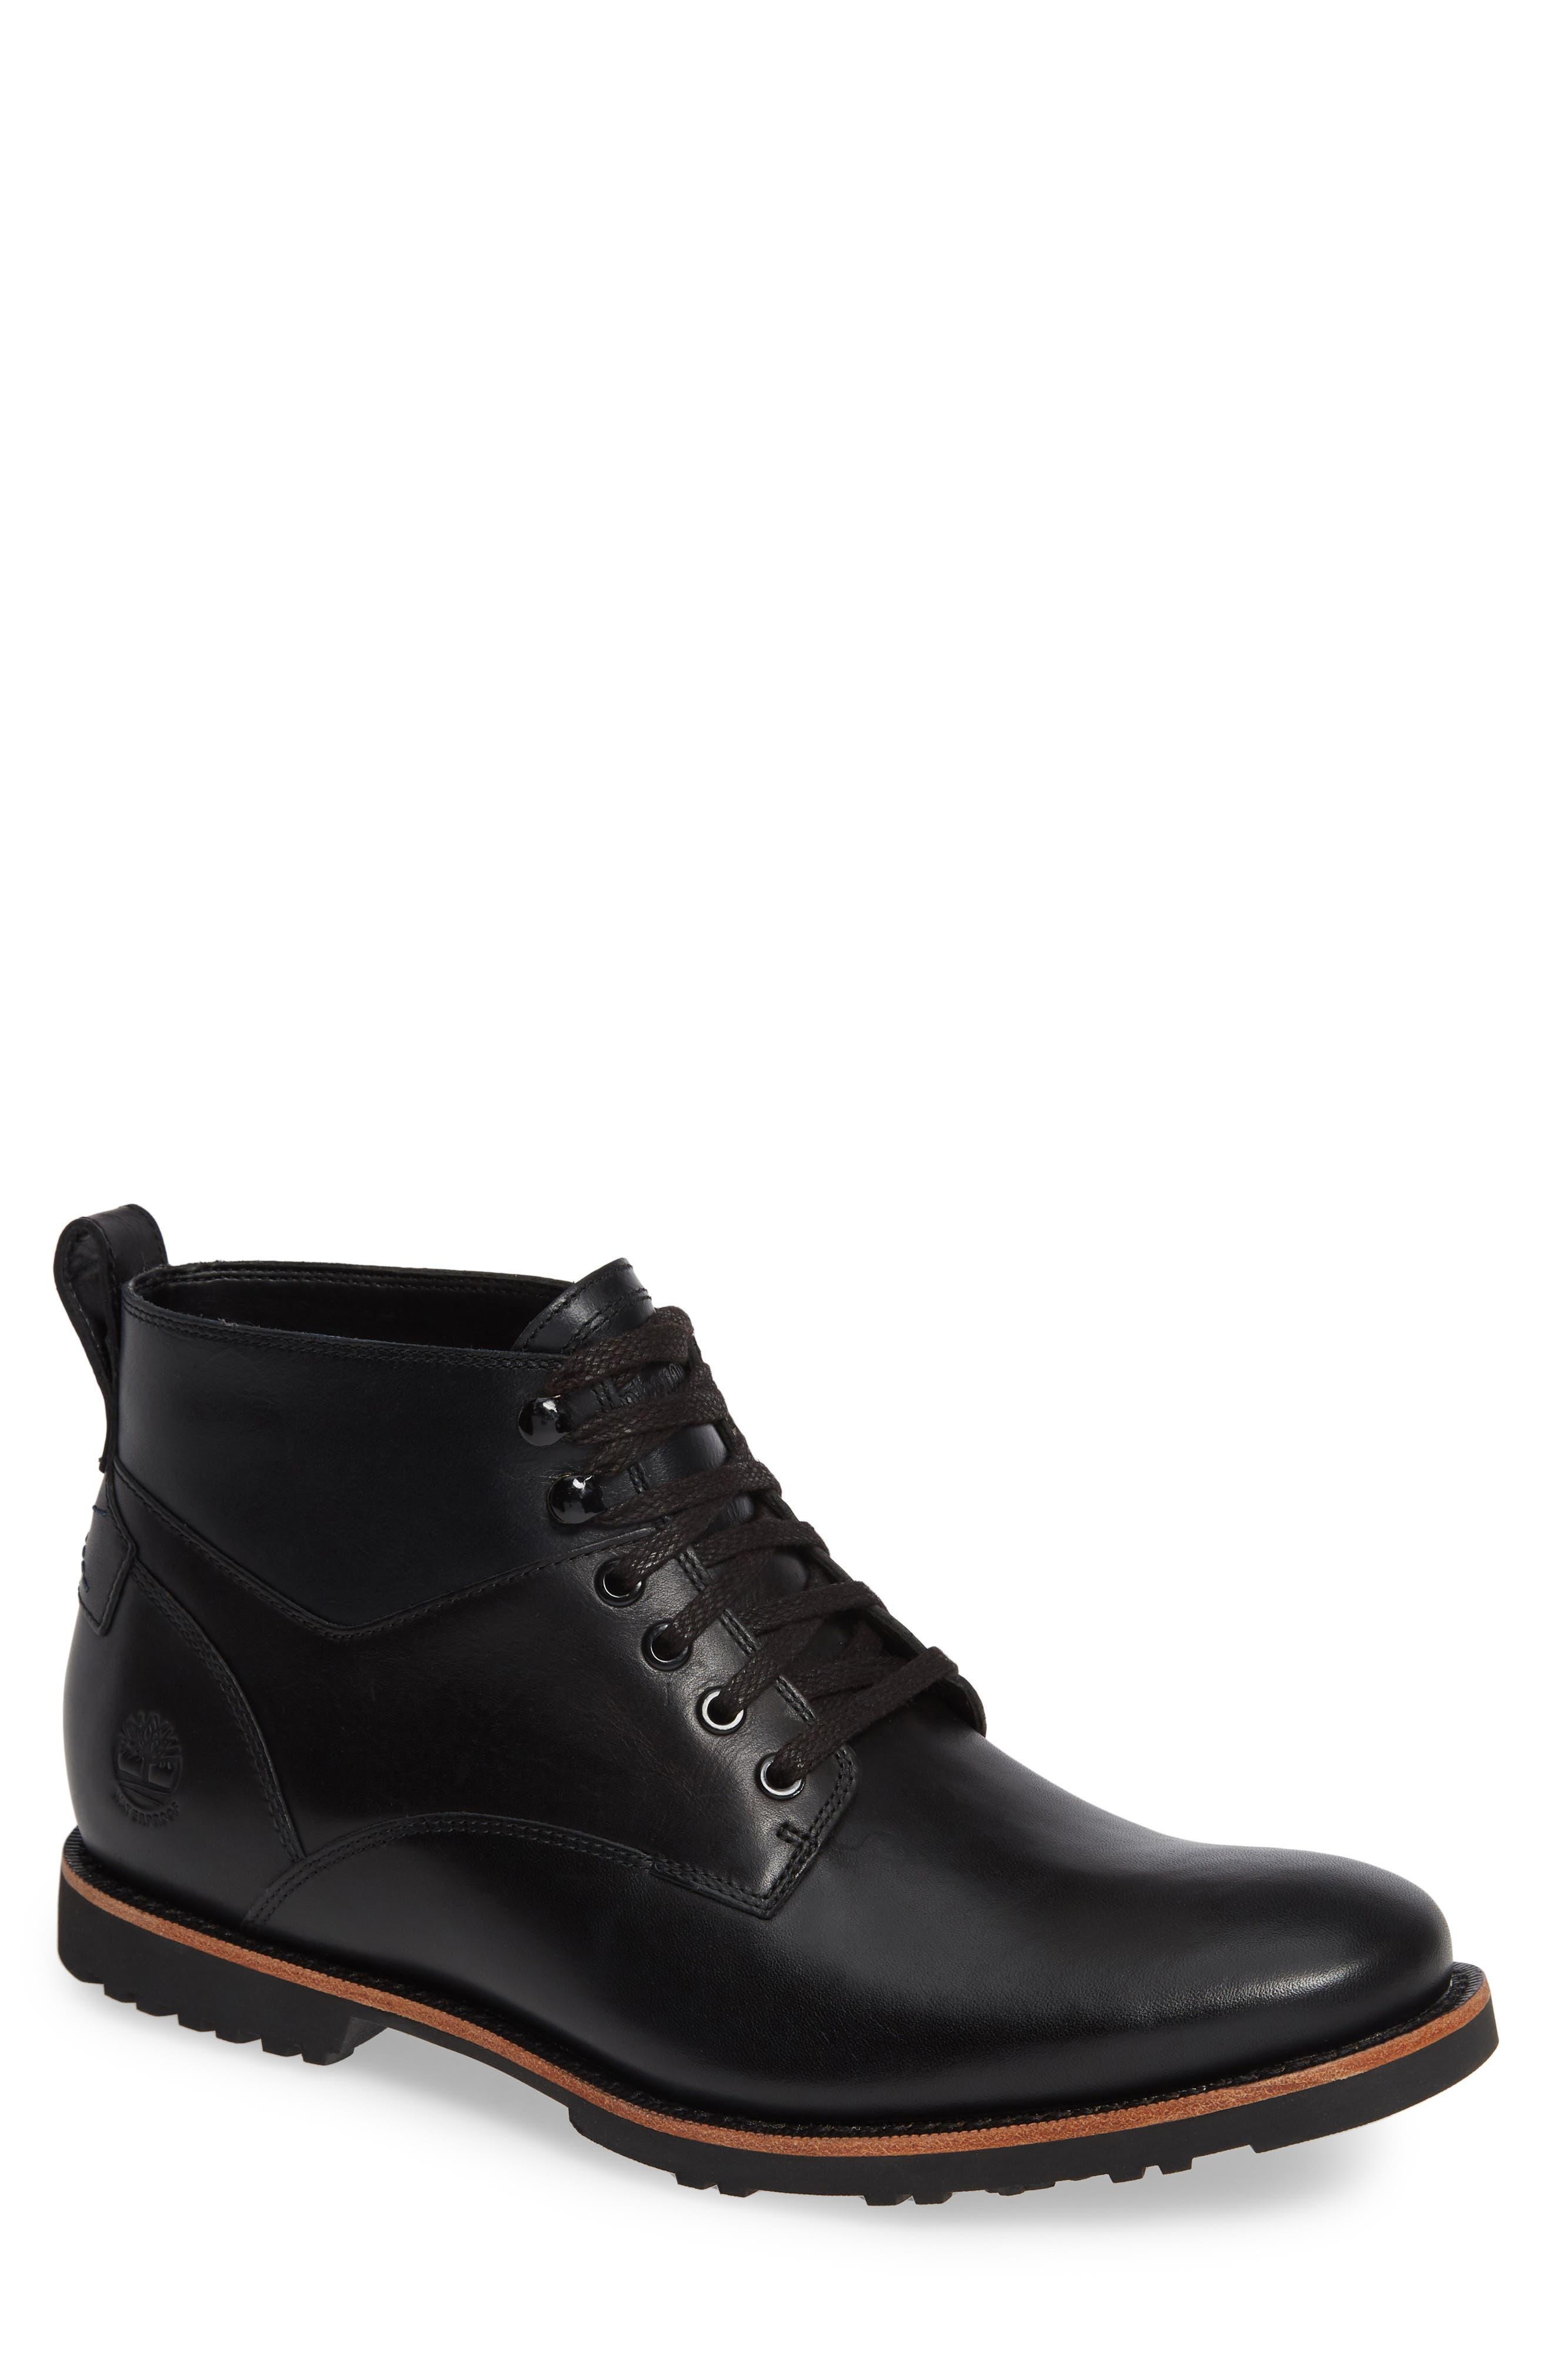 6ae0e3e5 Men's Timberland Shoes | Nordstrom